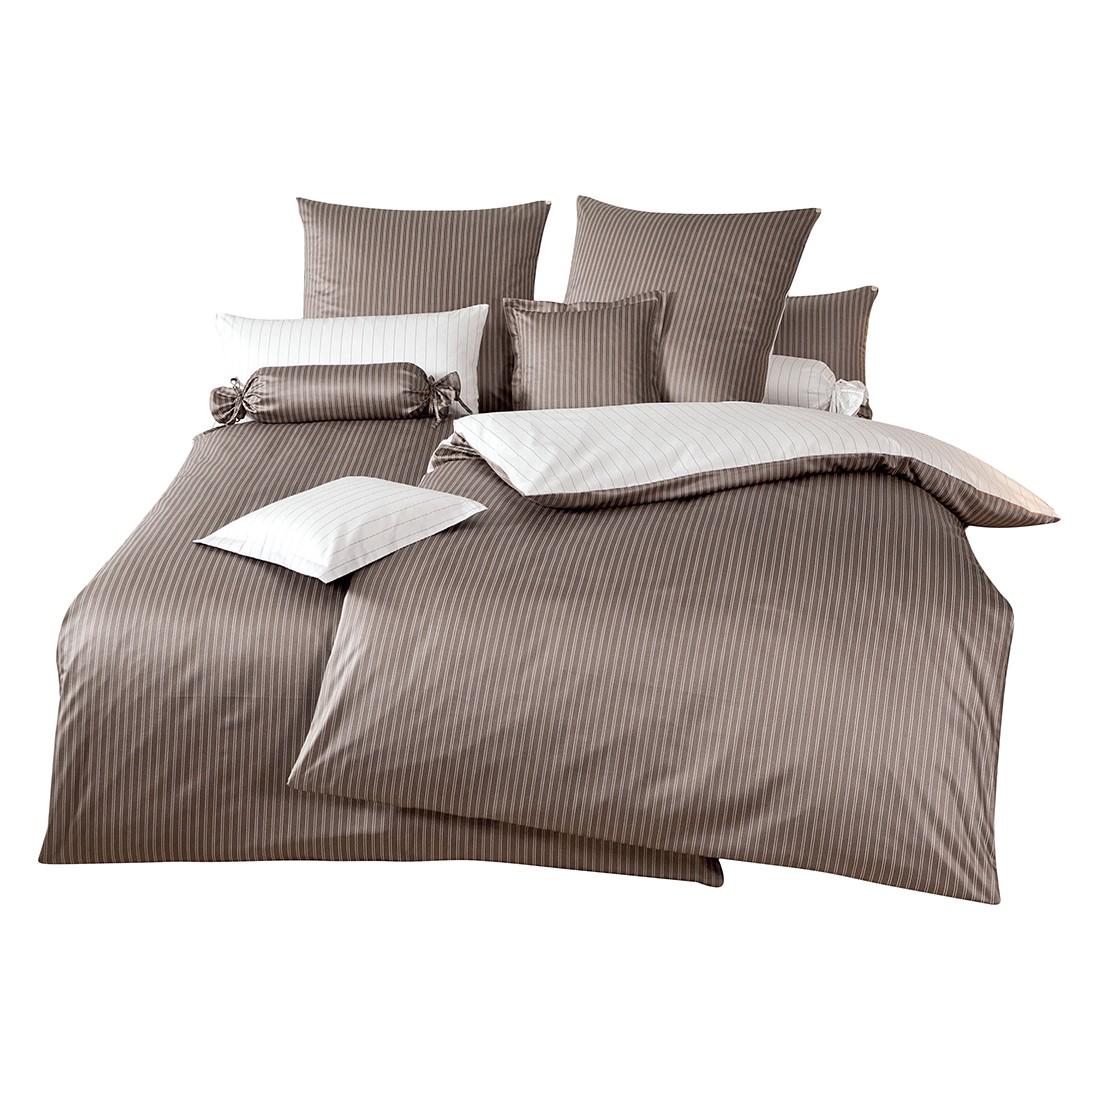 Home 24 - Parure de lit classic ii - marron / blanc - 135 x 200 cm + coussin 80 x 80 cm, janine